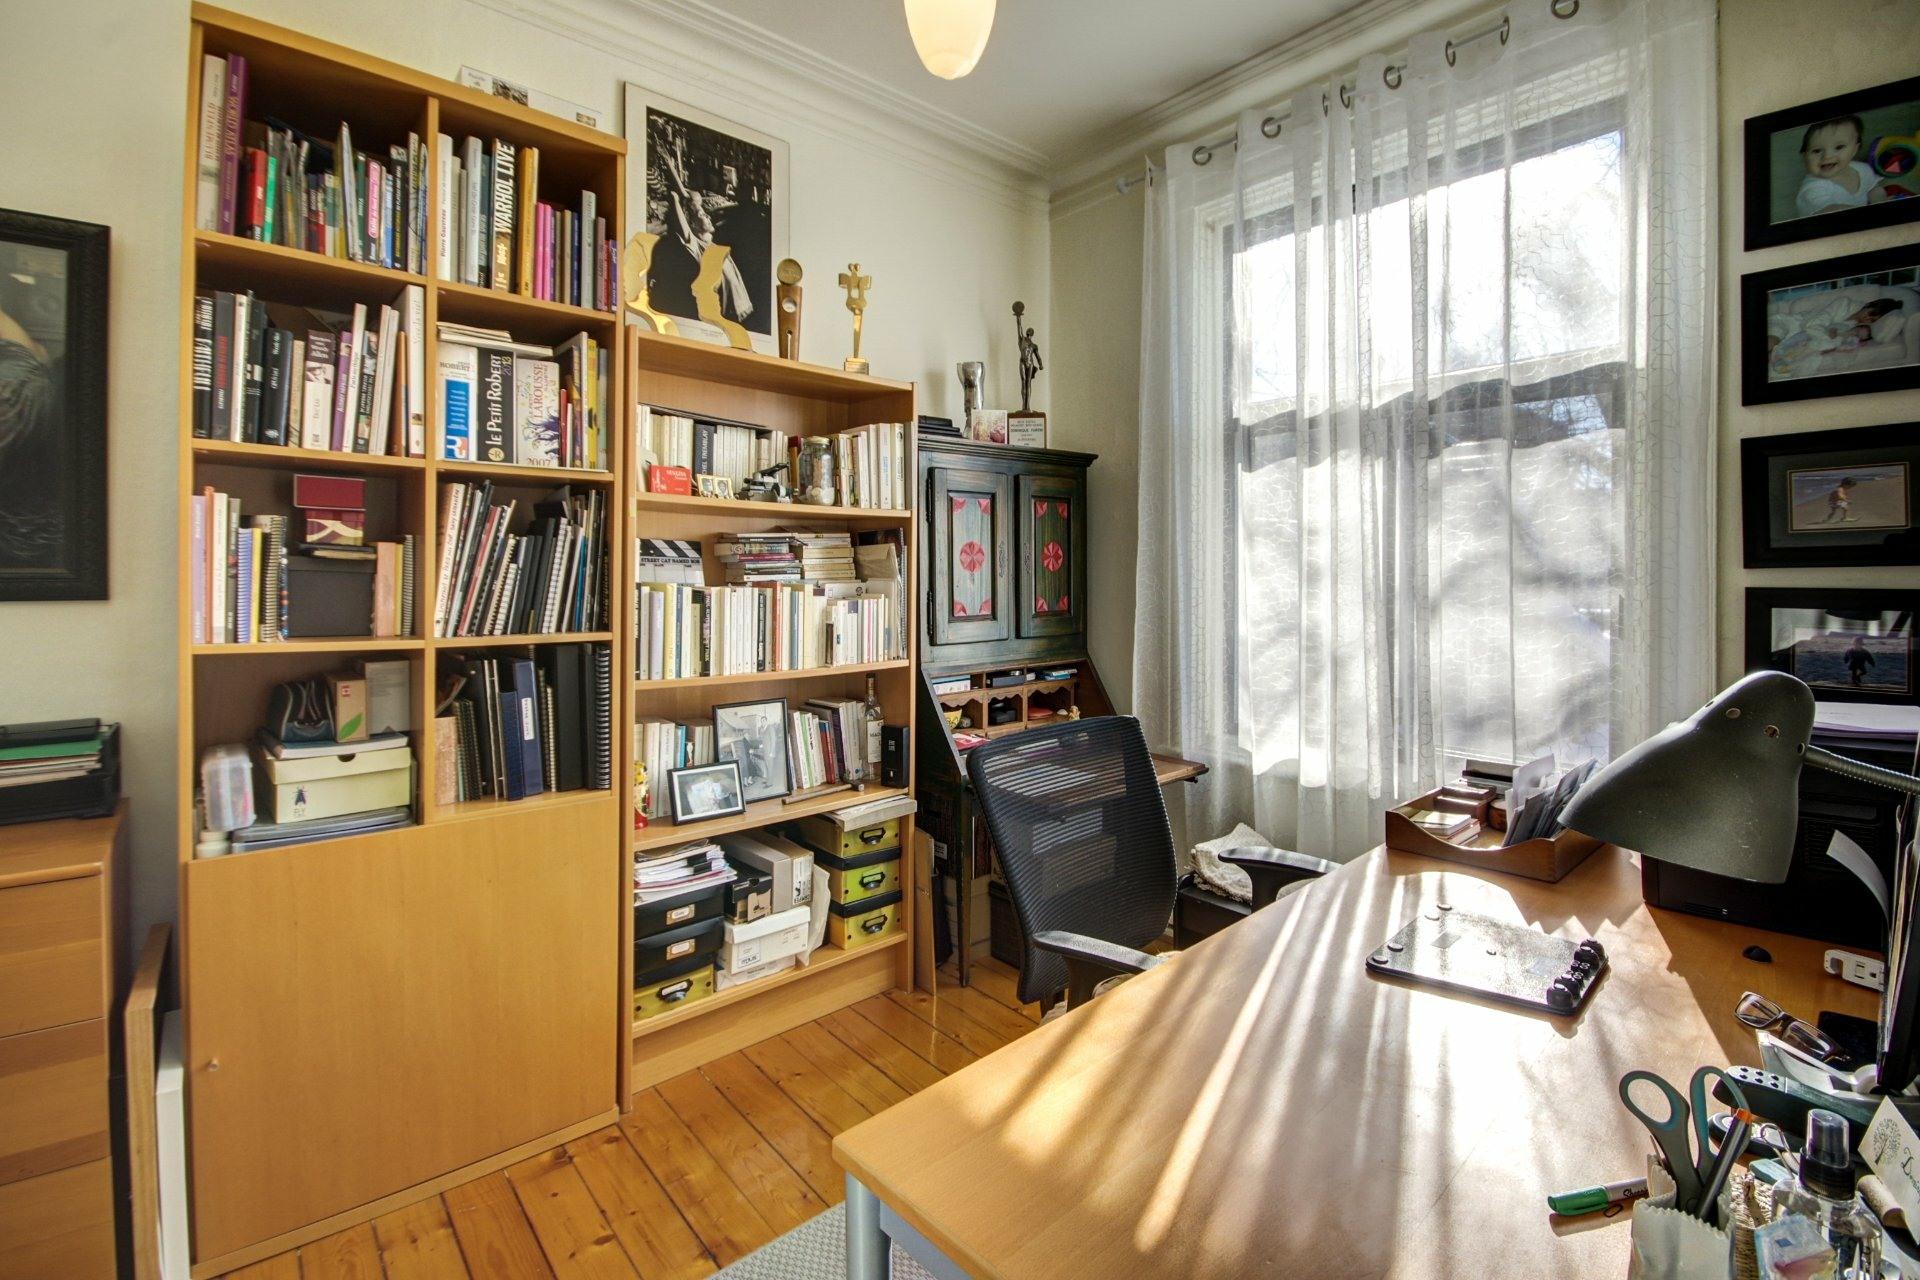 image 8 - Immeuble à revenus À vendre Montréal Le Plateau-Mont-Royal  - 5 pièces